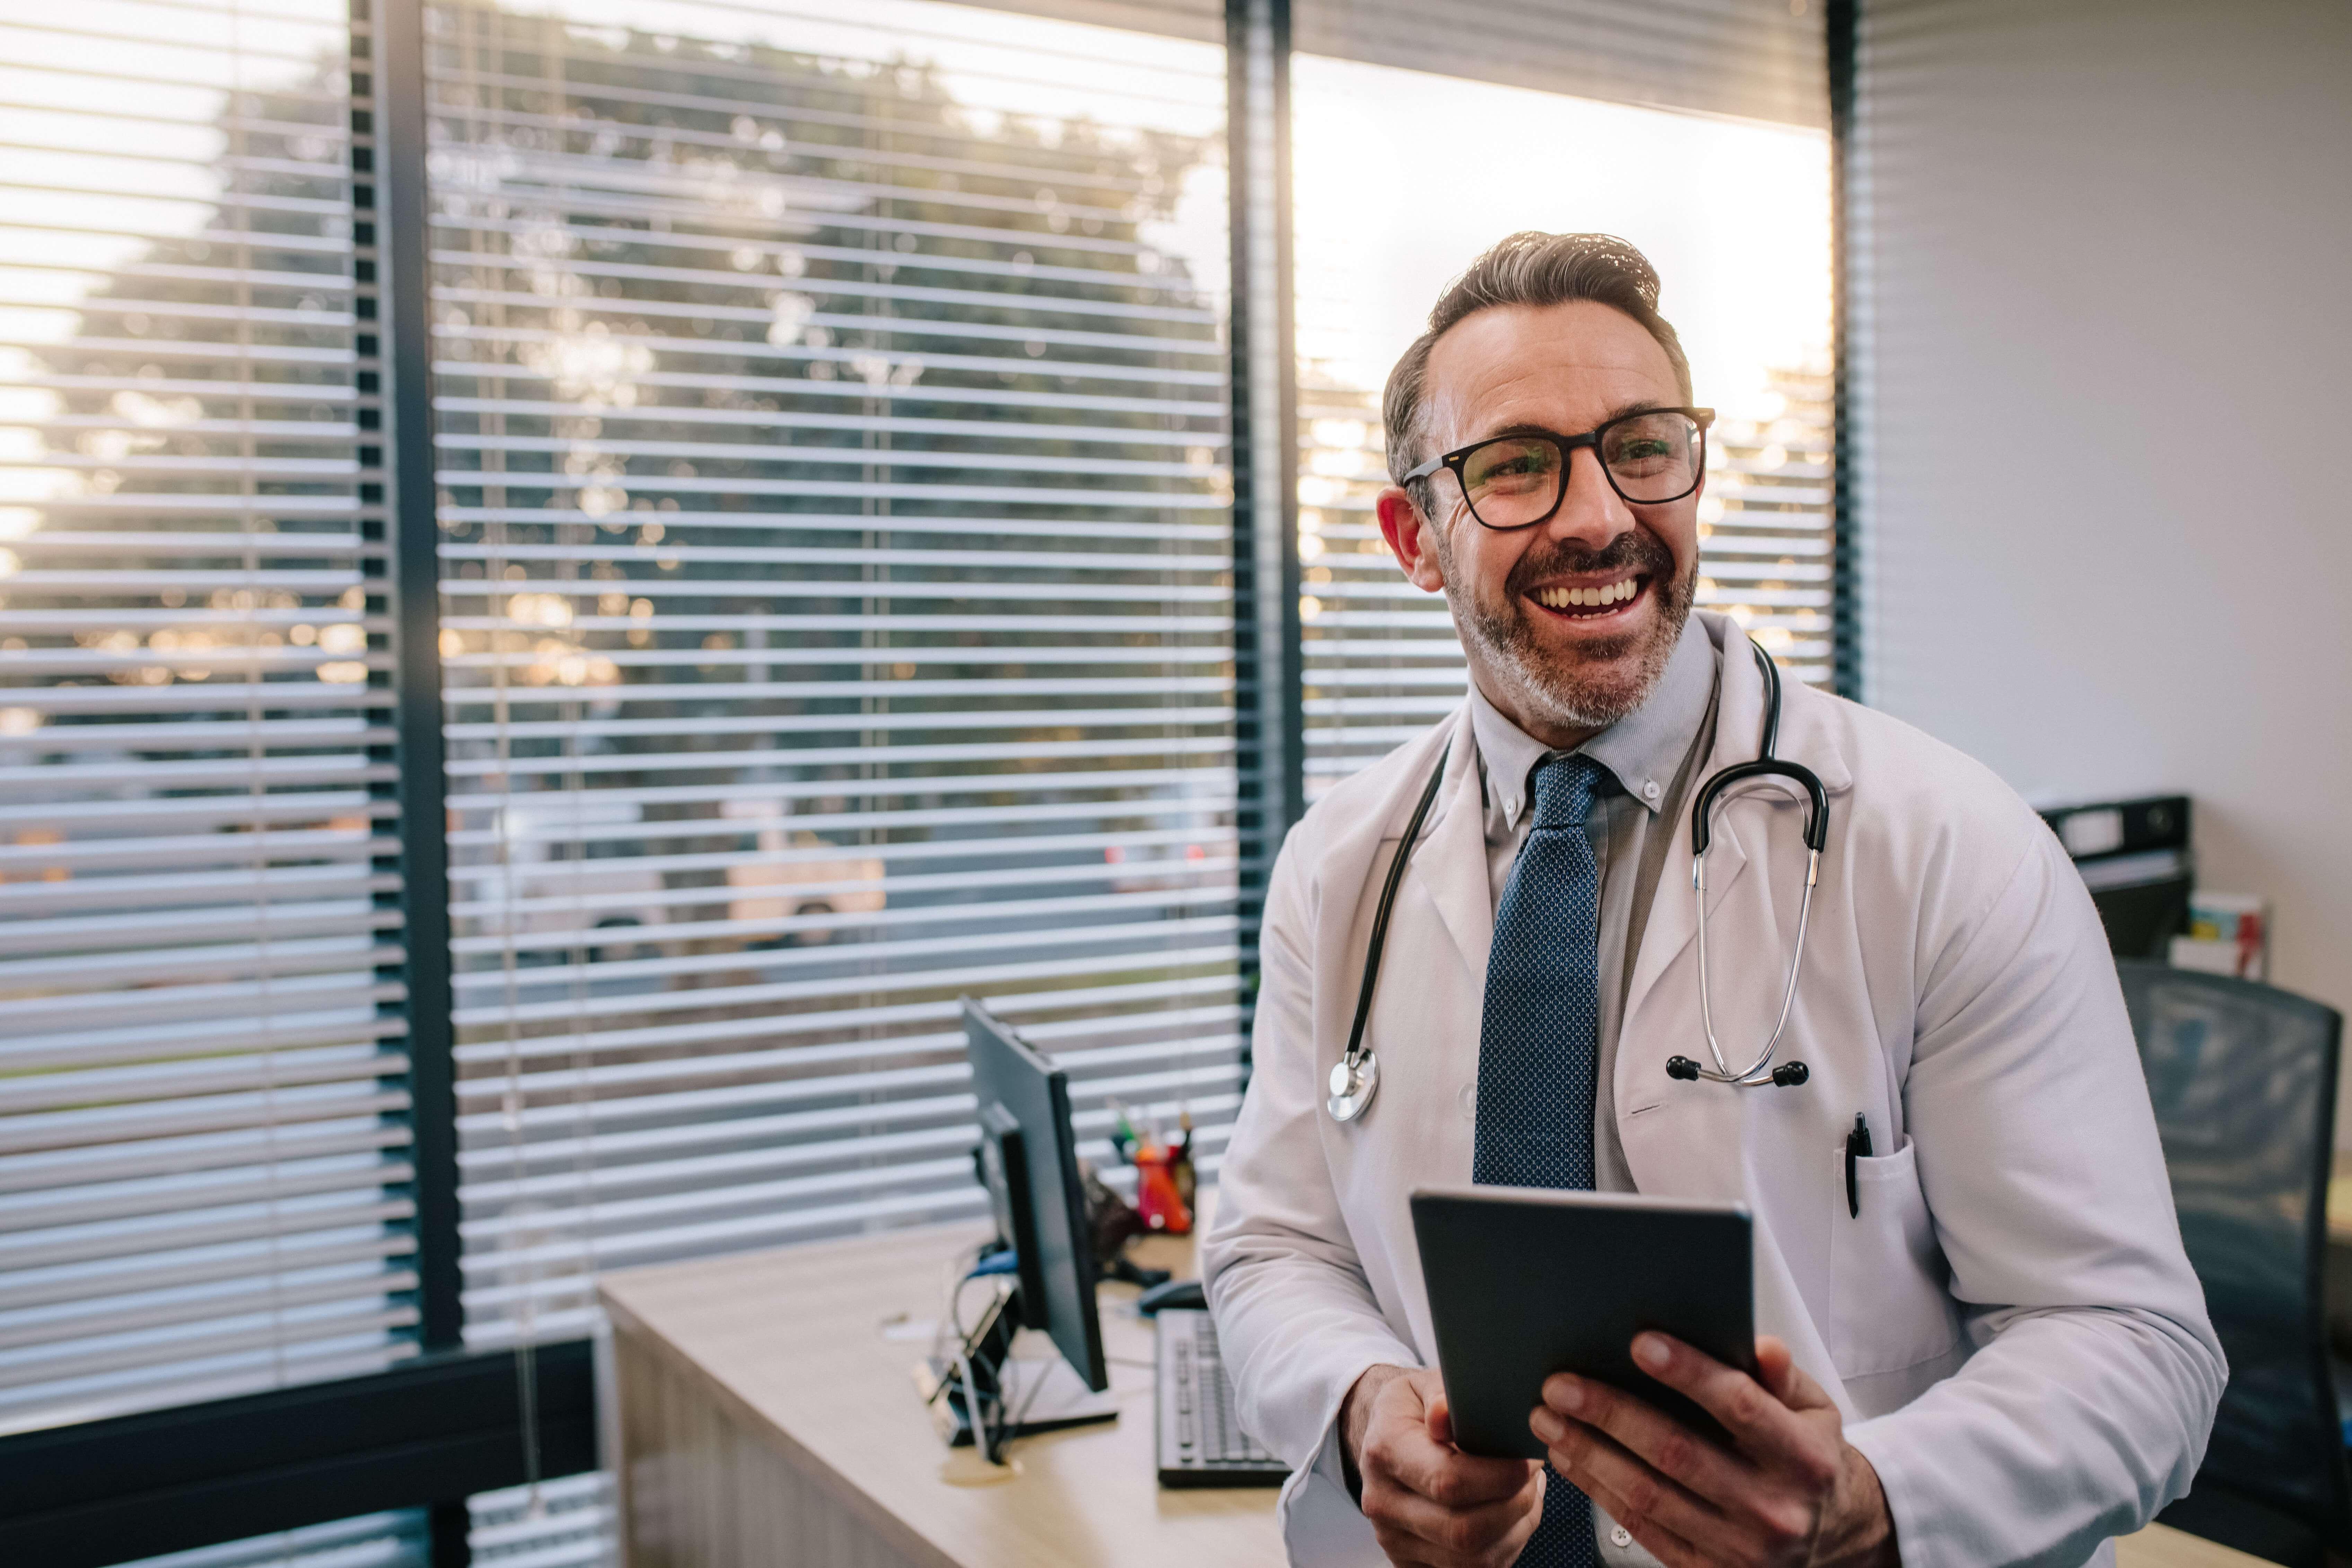 Marketing médico: o que é, qual a importância e como fazer dentro das regras?